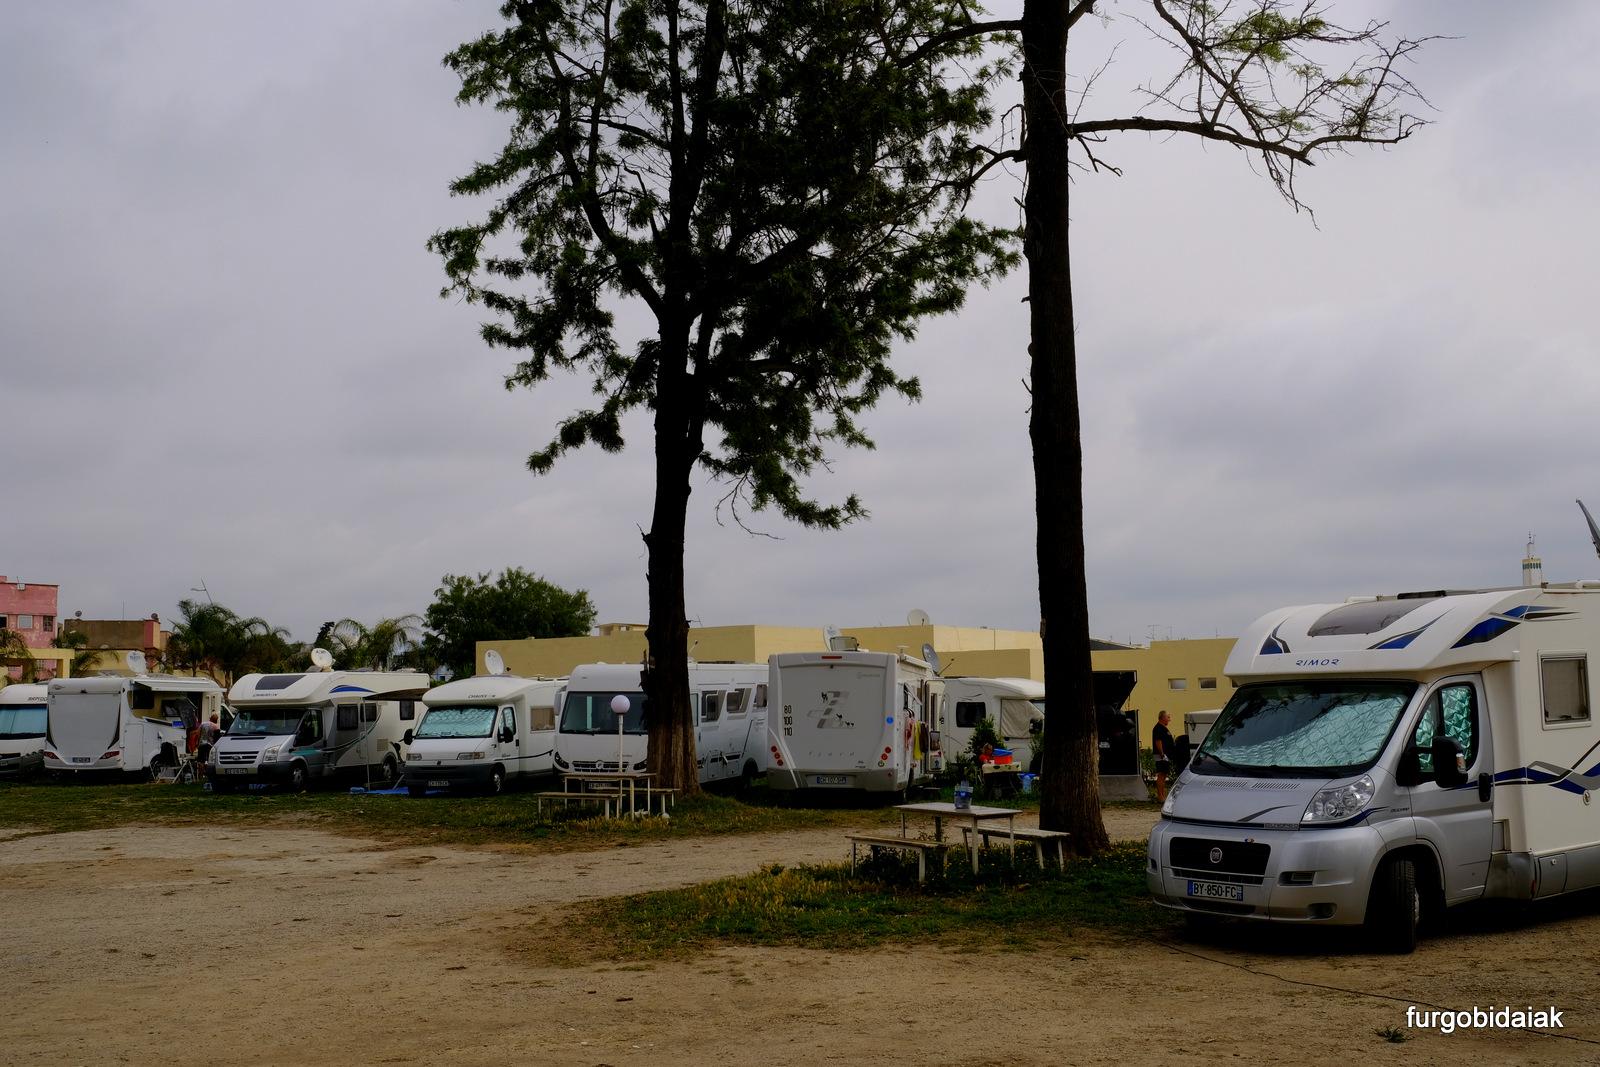 camping La Chenaie, Campings de Marruecos